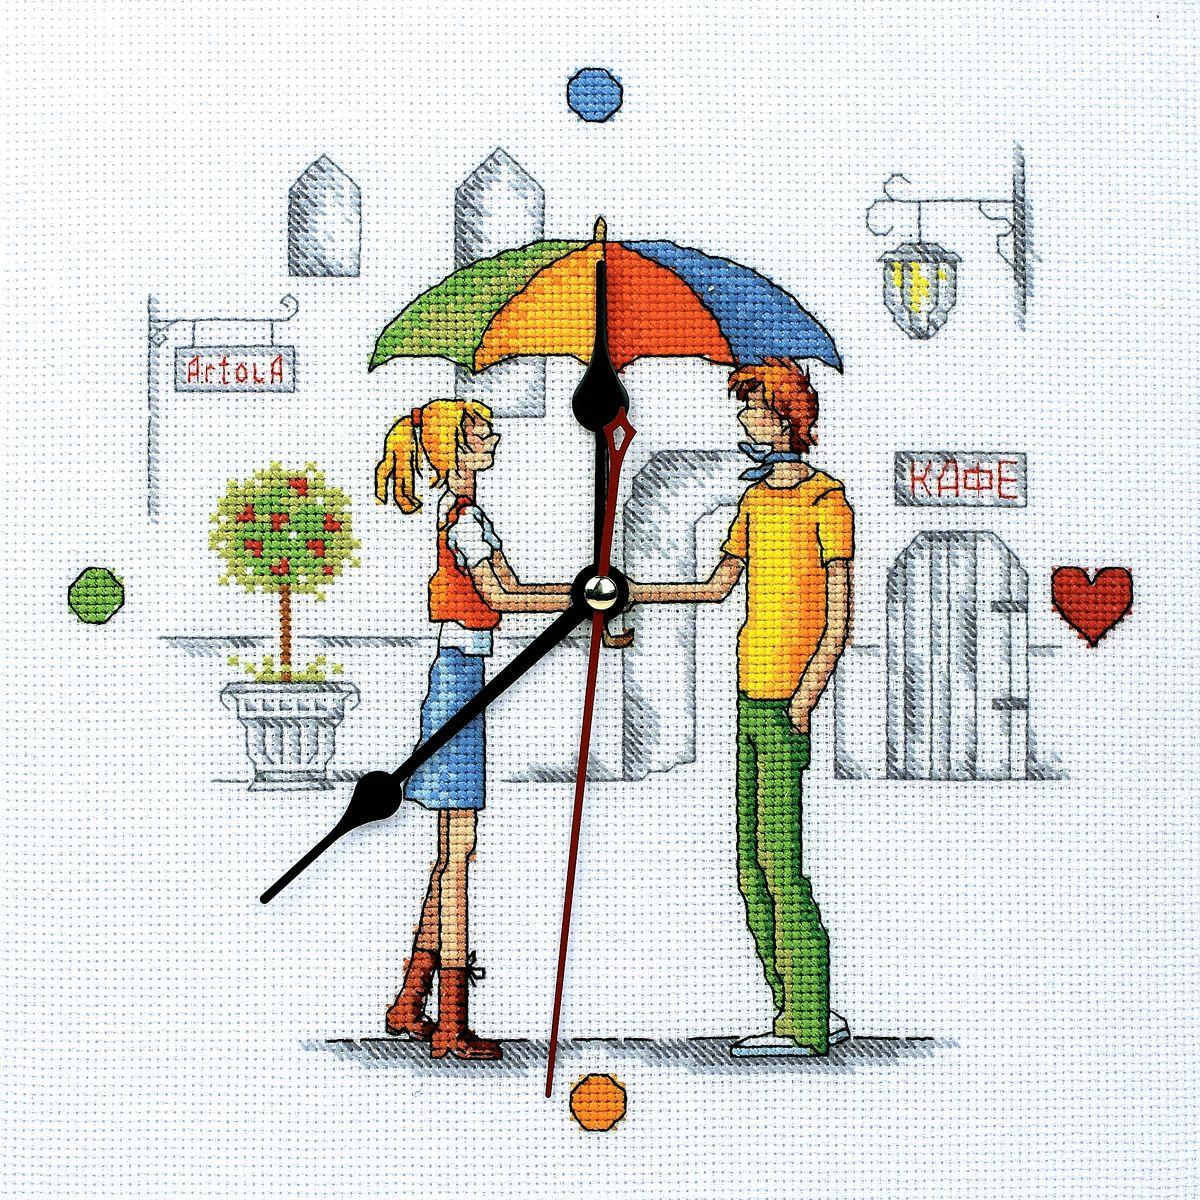 Набор для вышивания RTO Встреча под зонтом, 25 см х 25 см. M40002M40002Мулине на карте, разобранное по цветам, канва, символьная схема, игла, инструкция, часовой механизм со стрелками